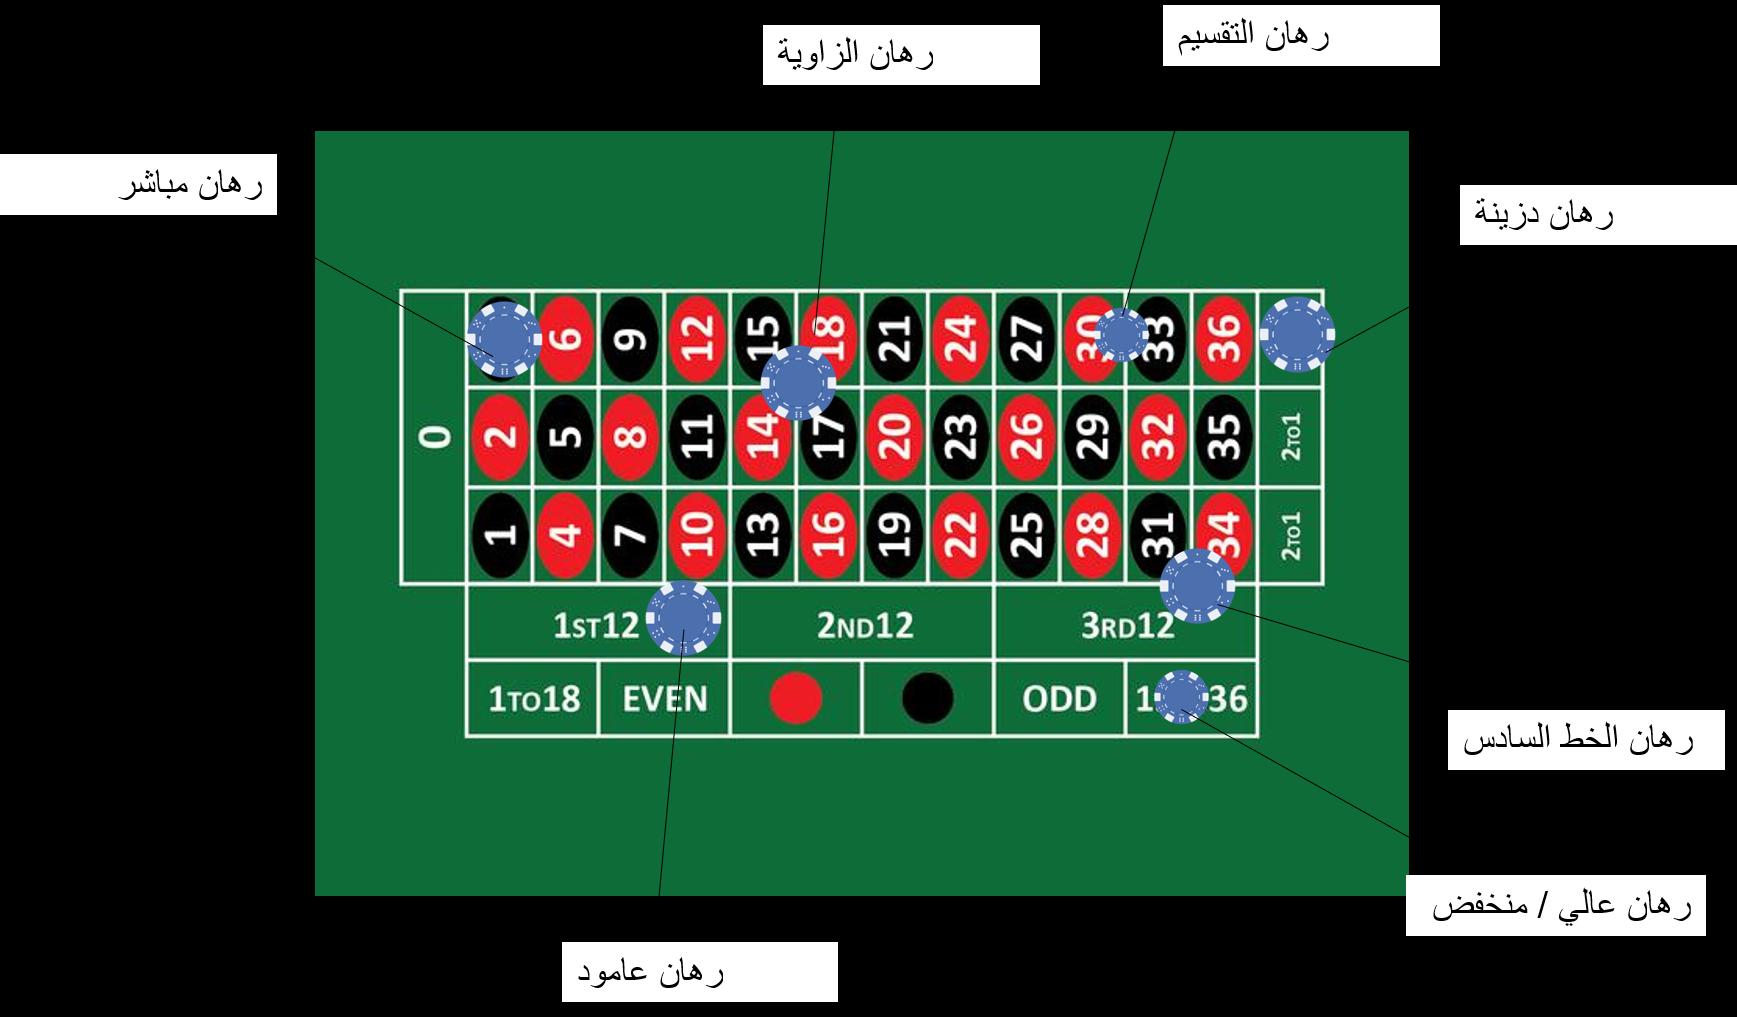 مايكروجيمنج البرمجيات استراتيجيات - 35873